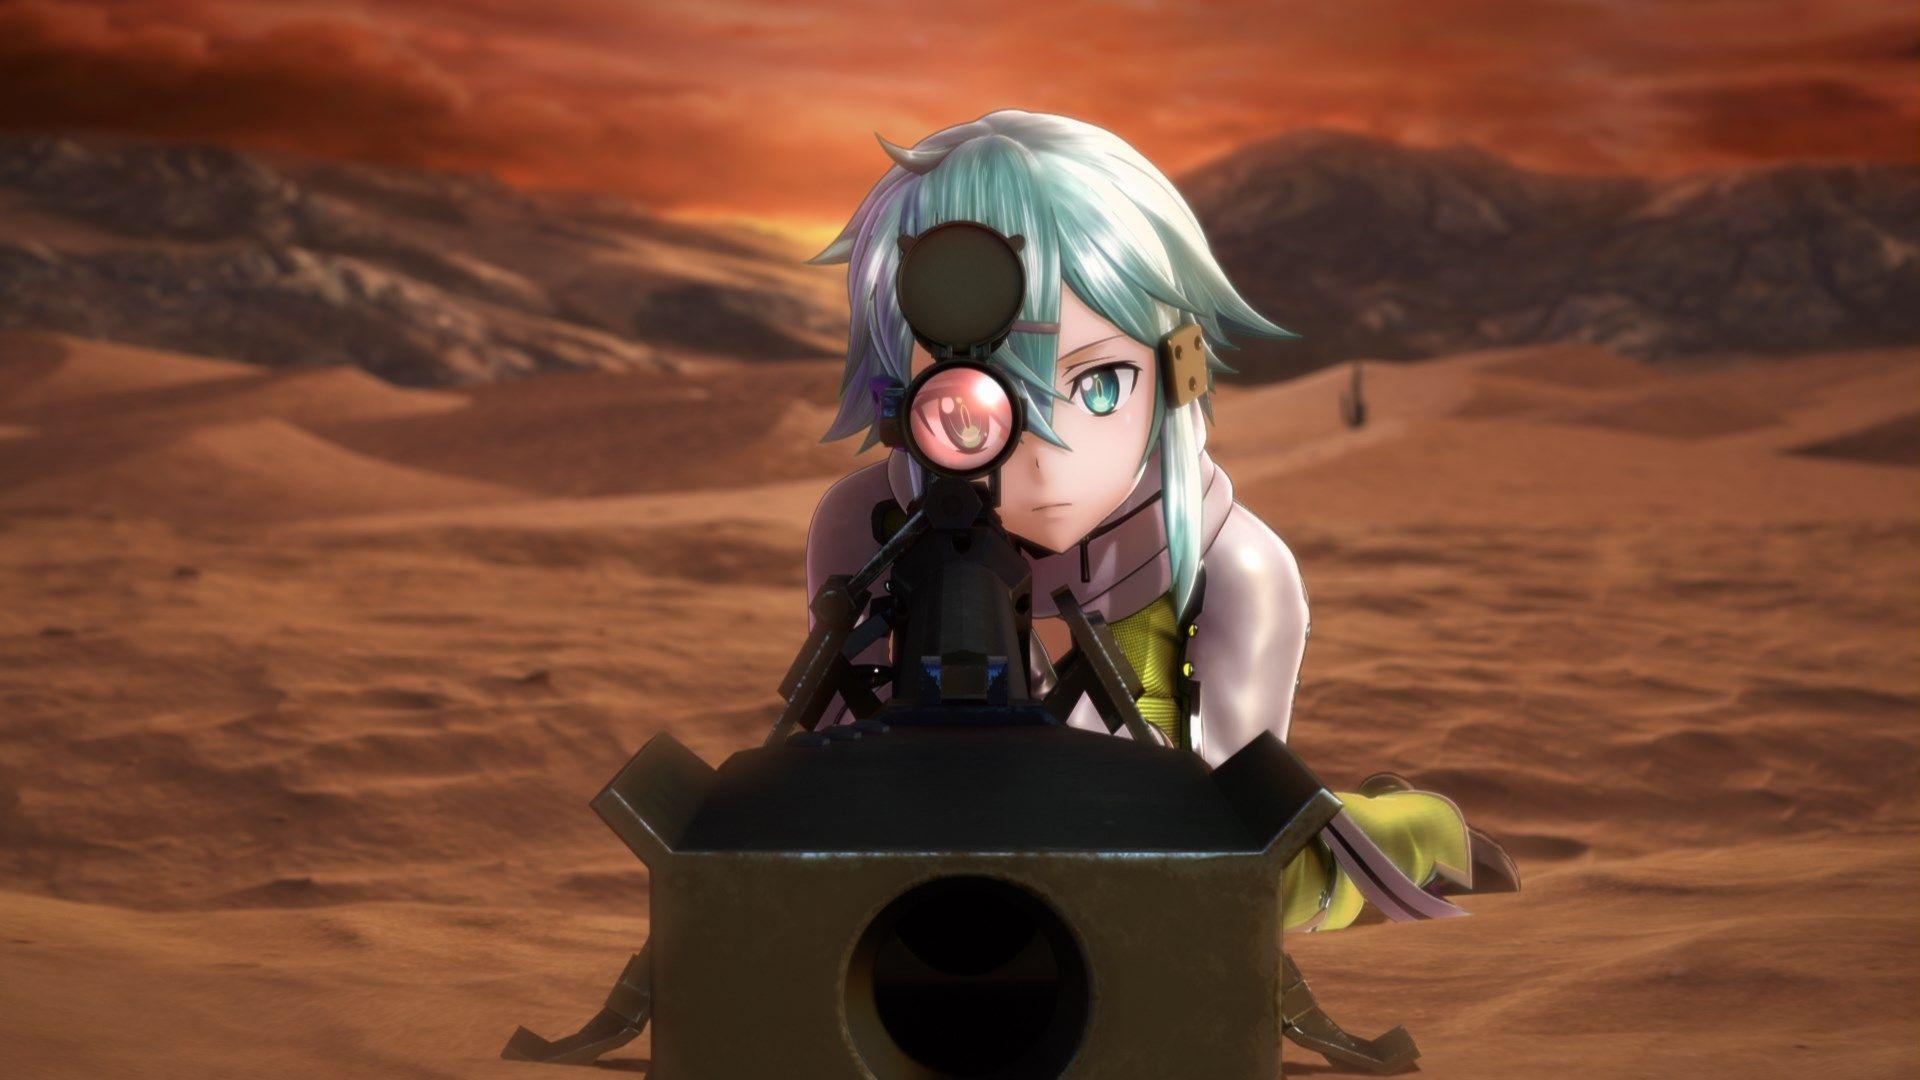 Sao Fatal Bullet Sinon